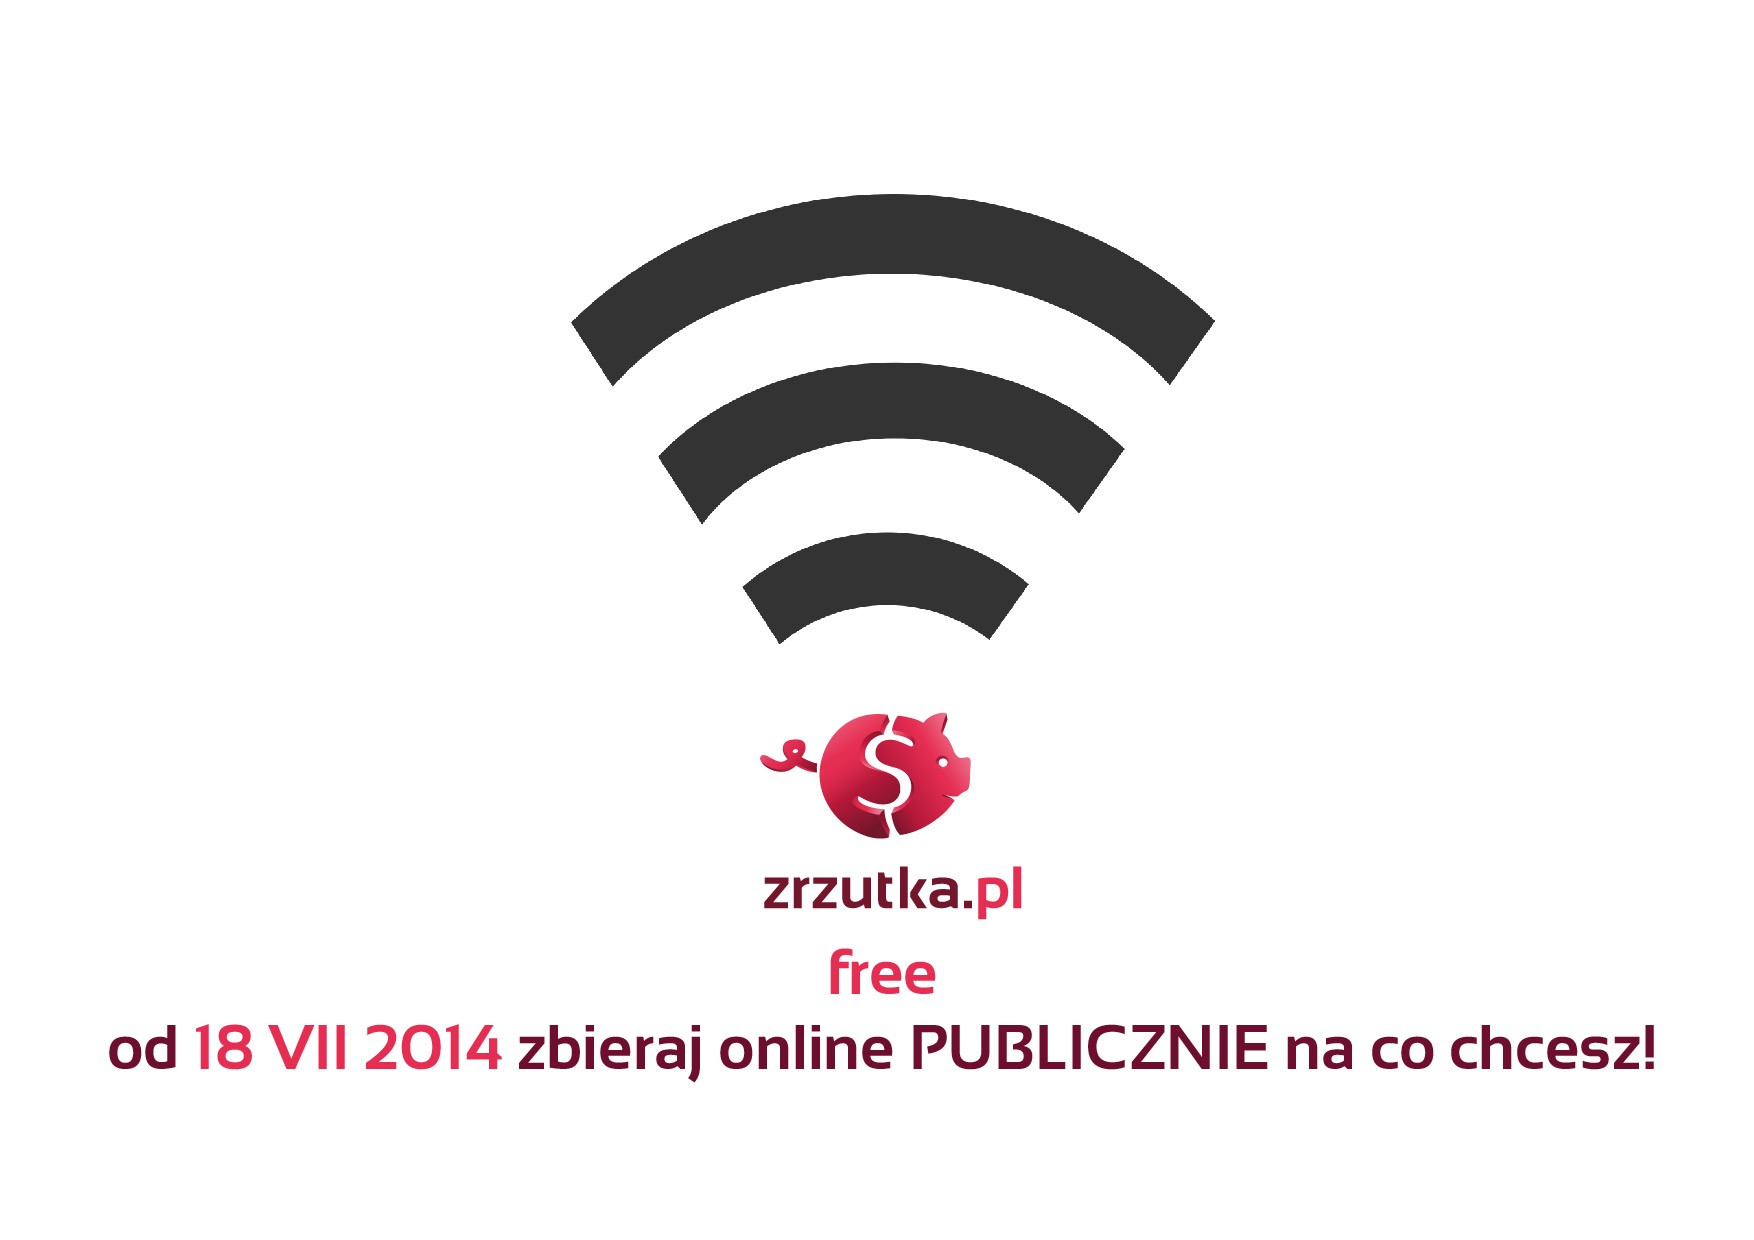 Nowe możliwości zbierania pieniędzy od 18 VII 2014 !